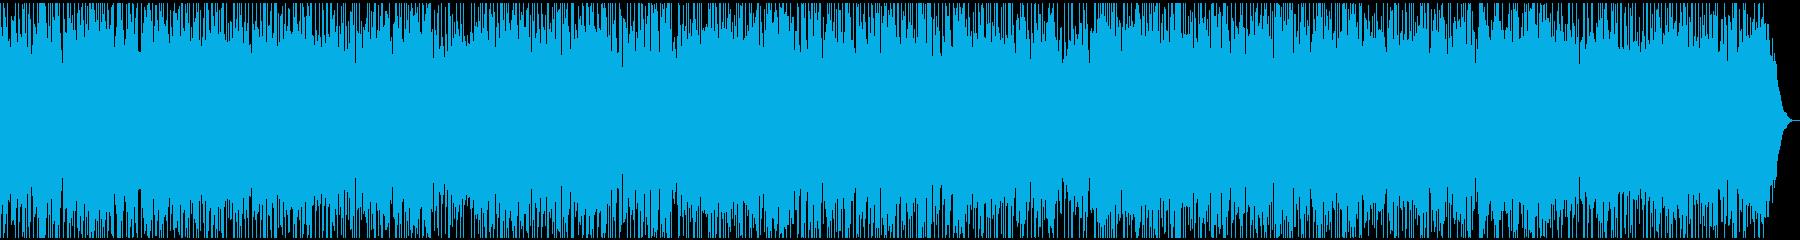 ノれて元気の出るファスト・ロックの再生済みの波形